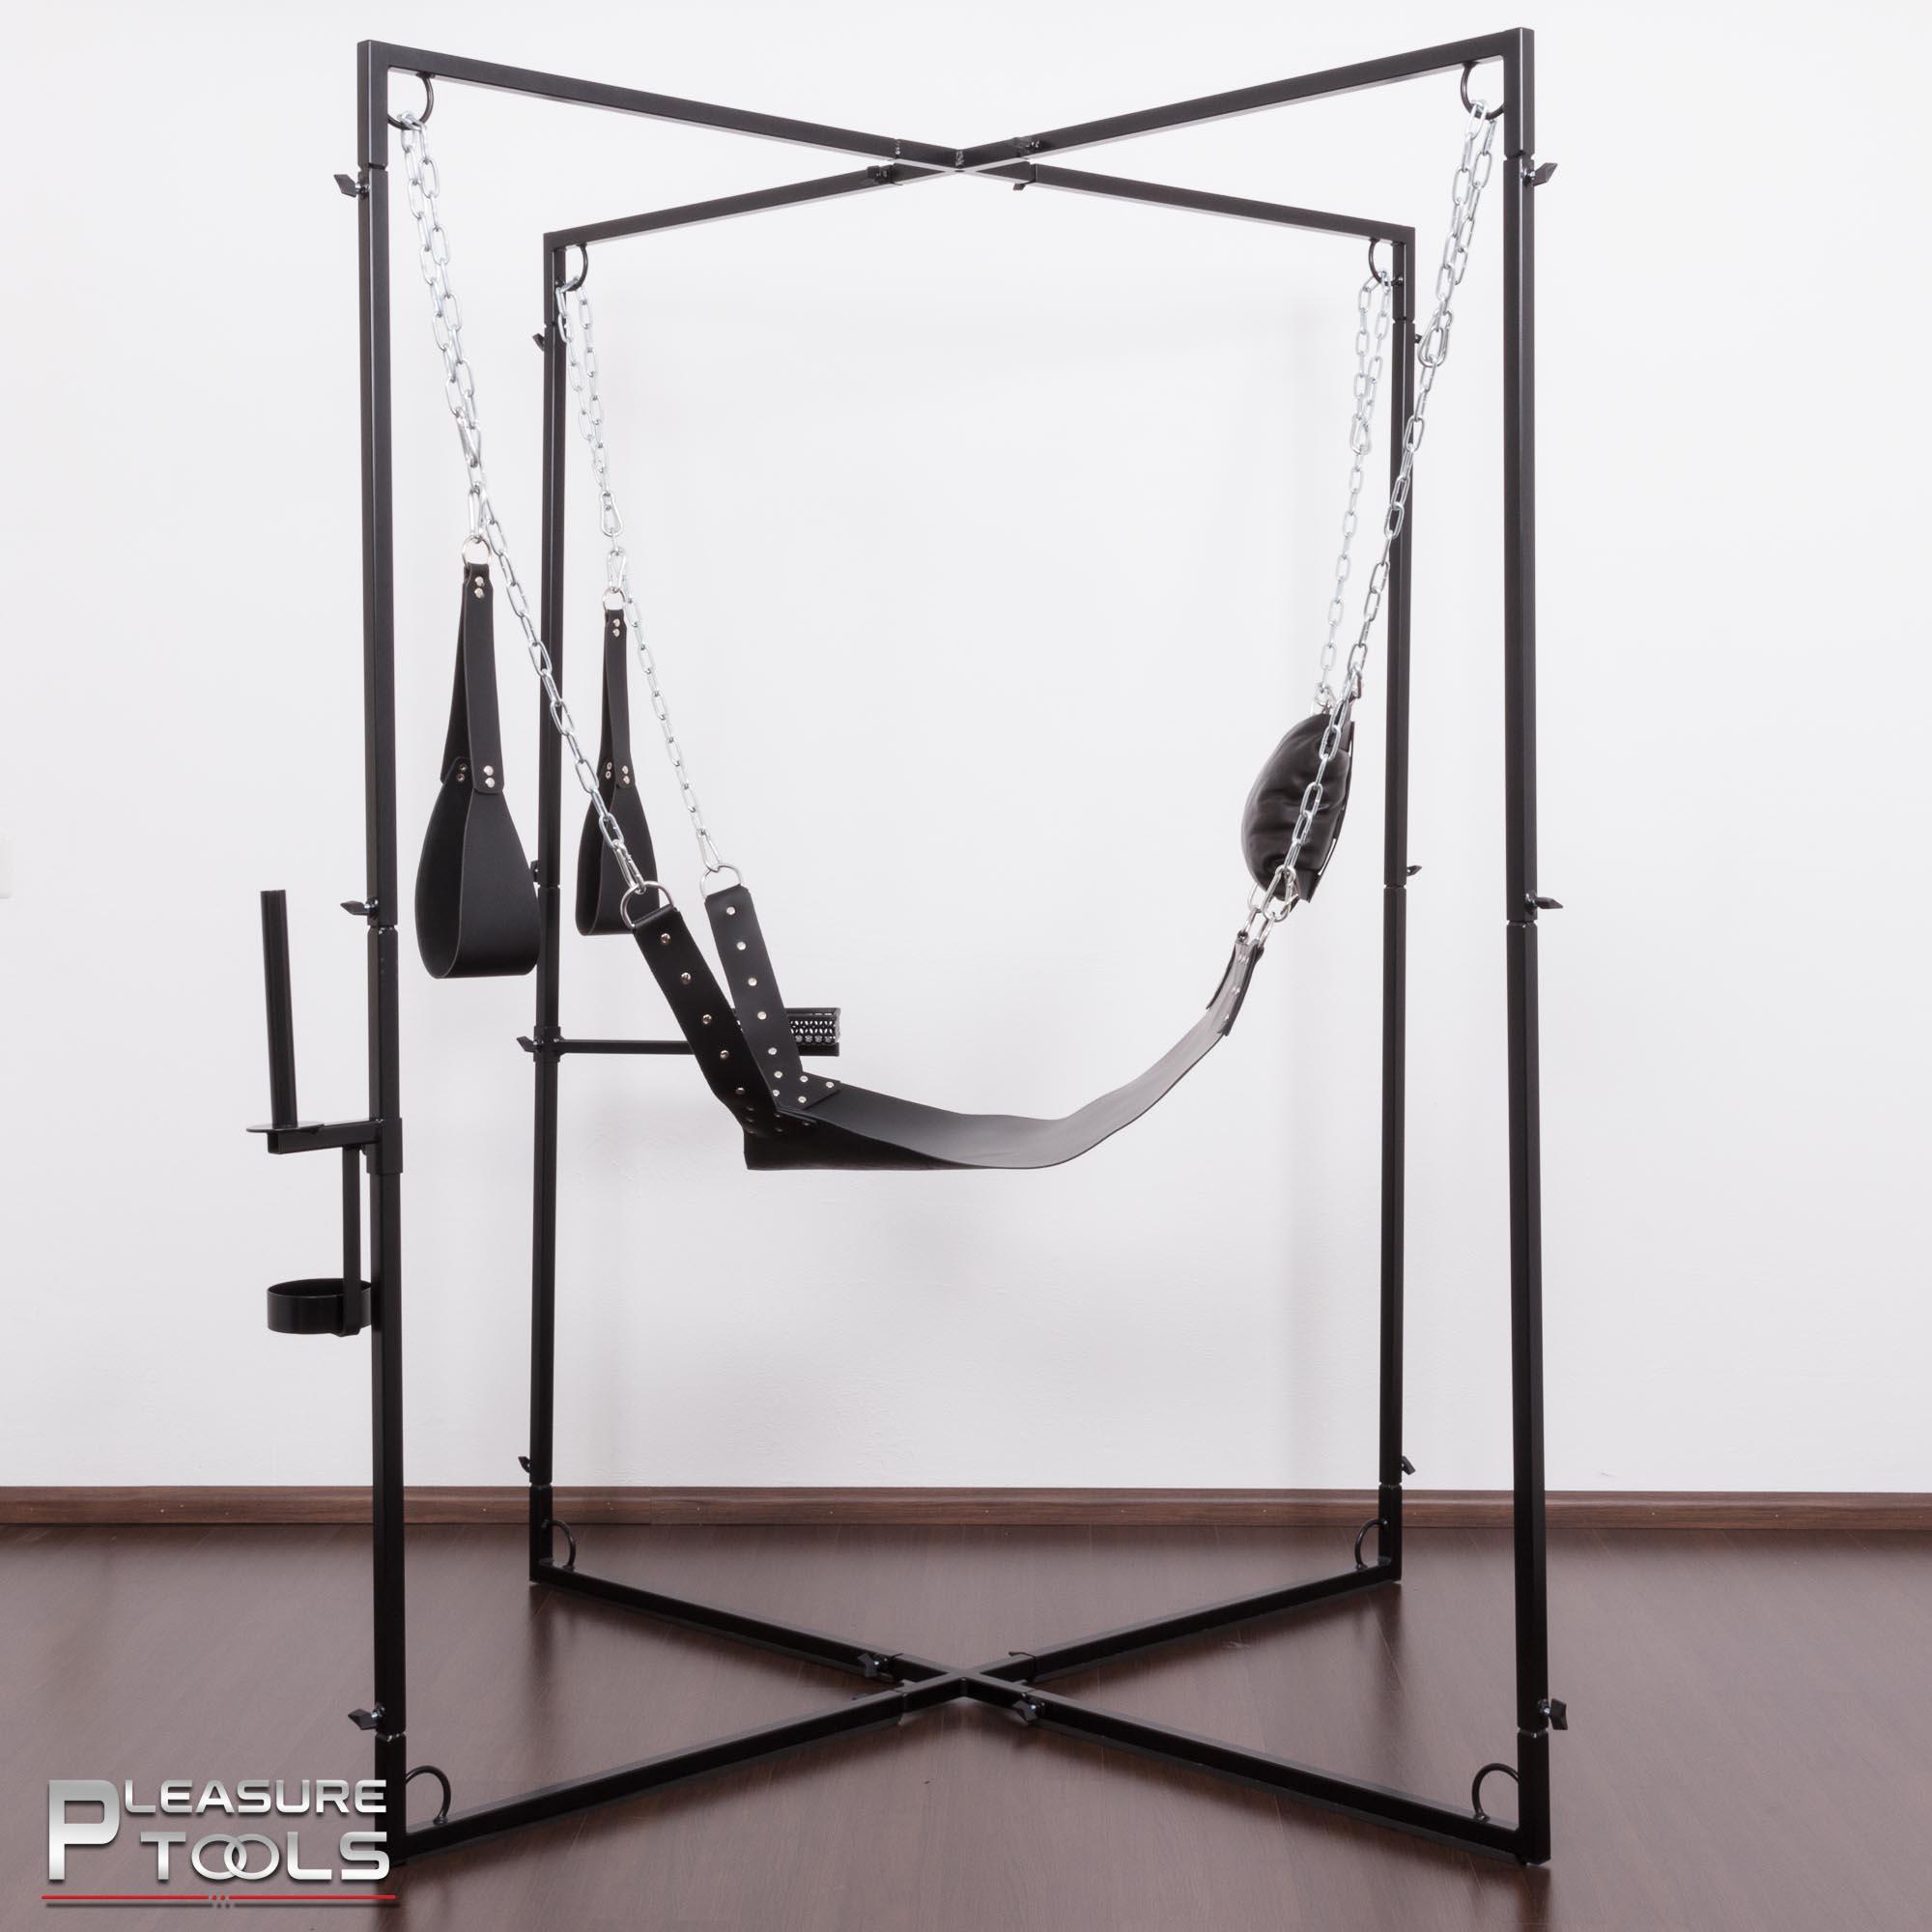 Pleasure Tools 4-punts sling in frame zijaanzicht